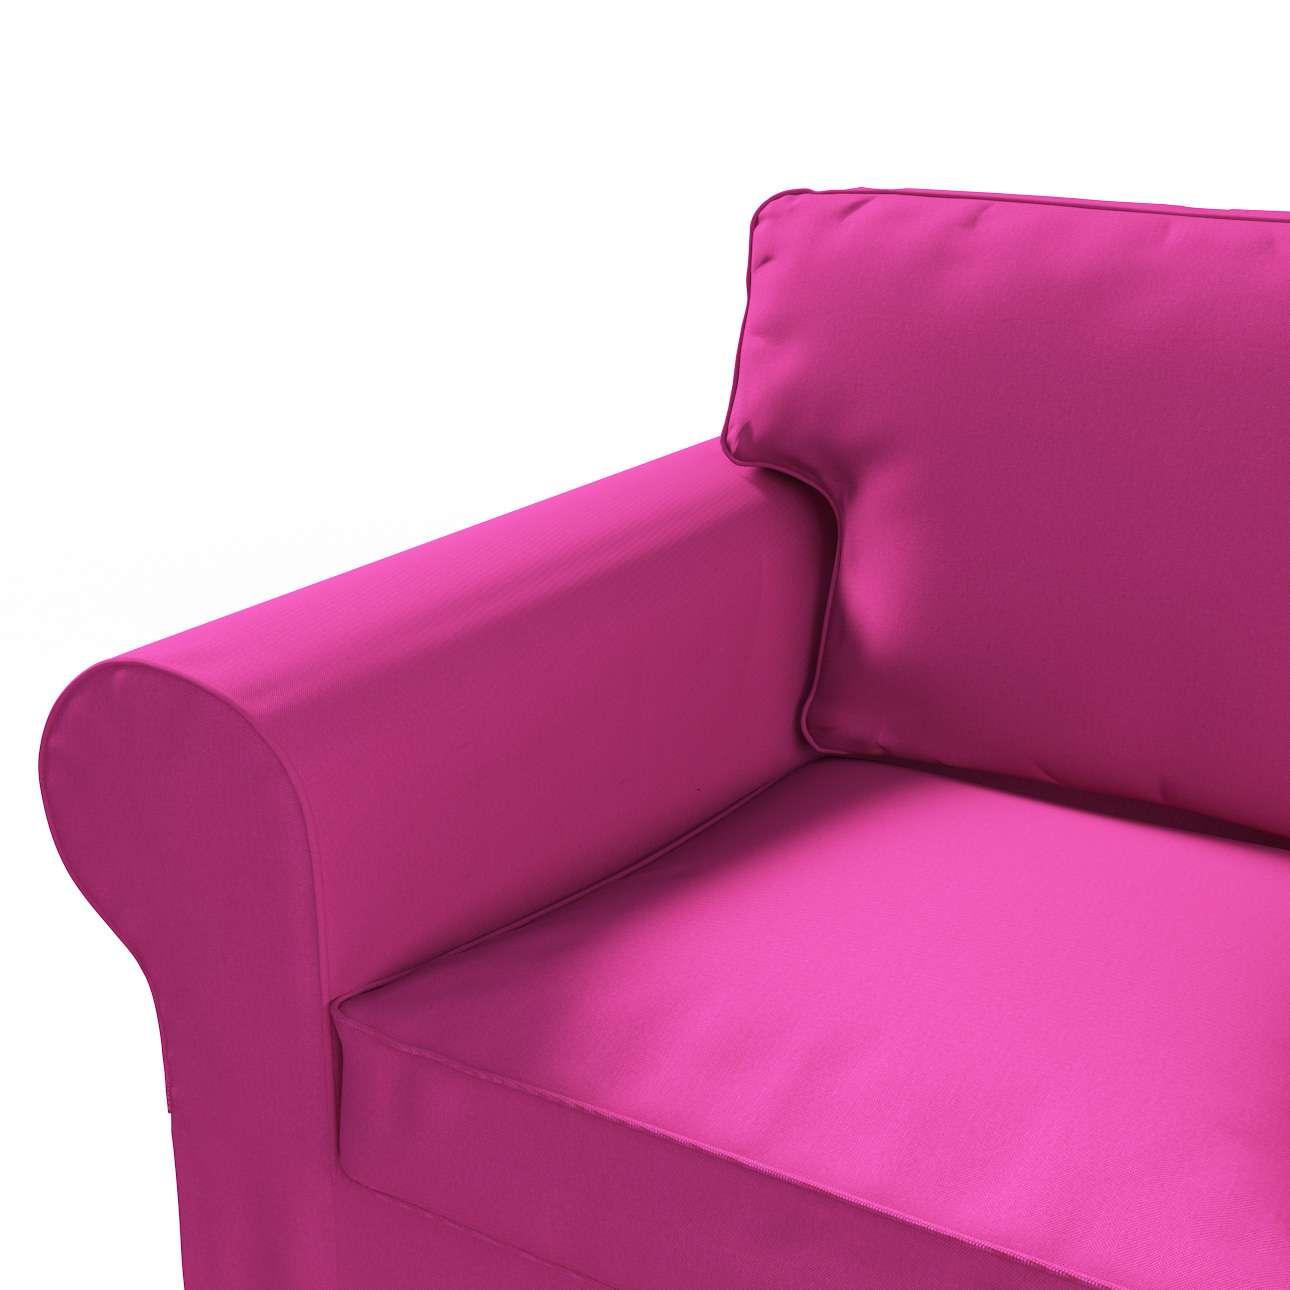 Pokrowiec na sofę Ektorp 2-osobową, rozkładaną STARY MODEL Sofa Ektorp 2-osobowa rozkładana w kolekcji Etna , tkanina: 705-23